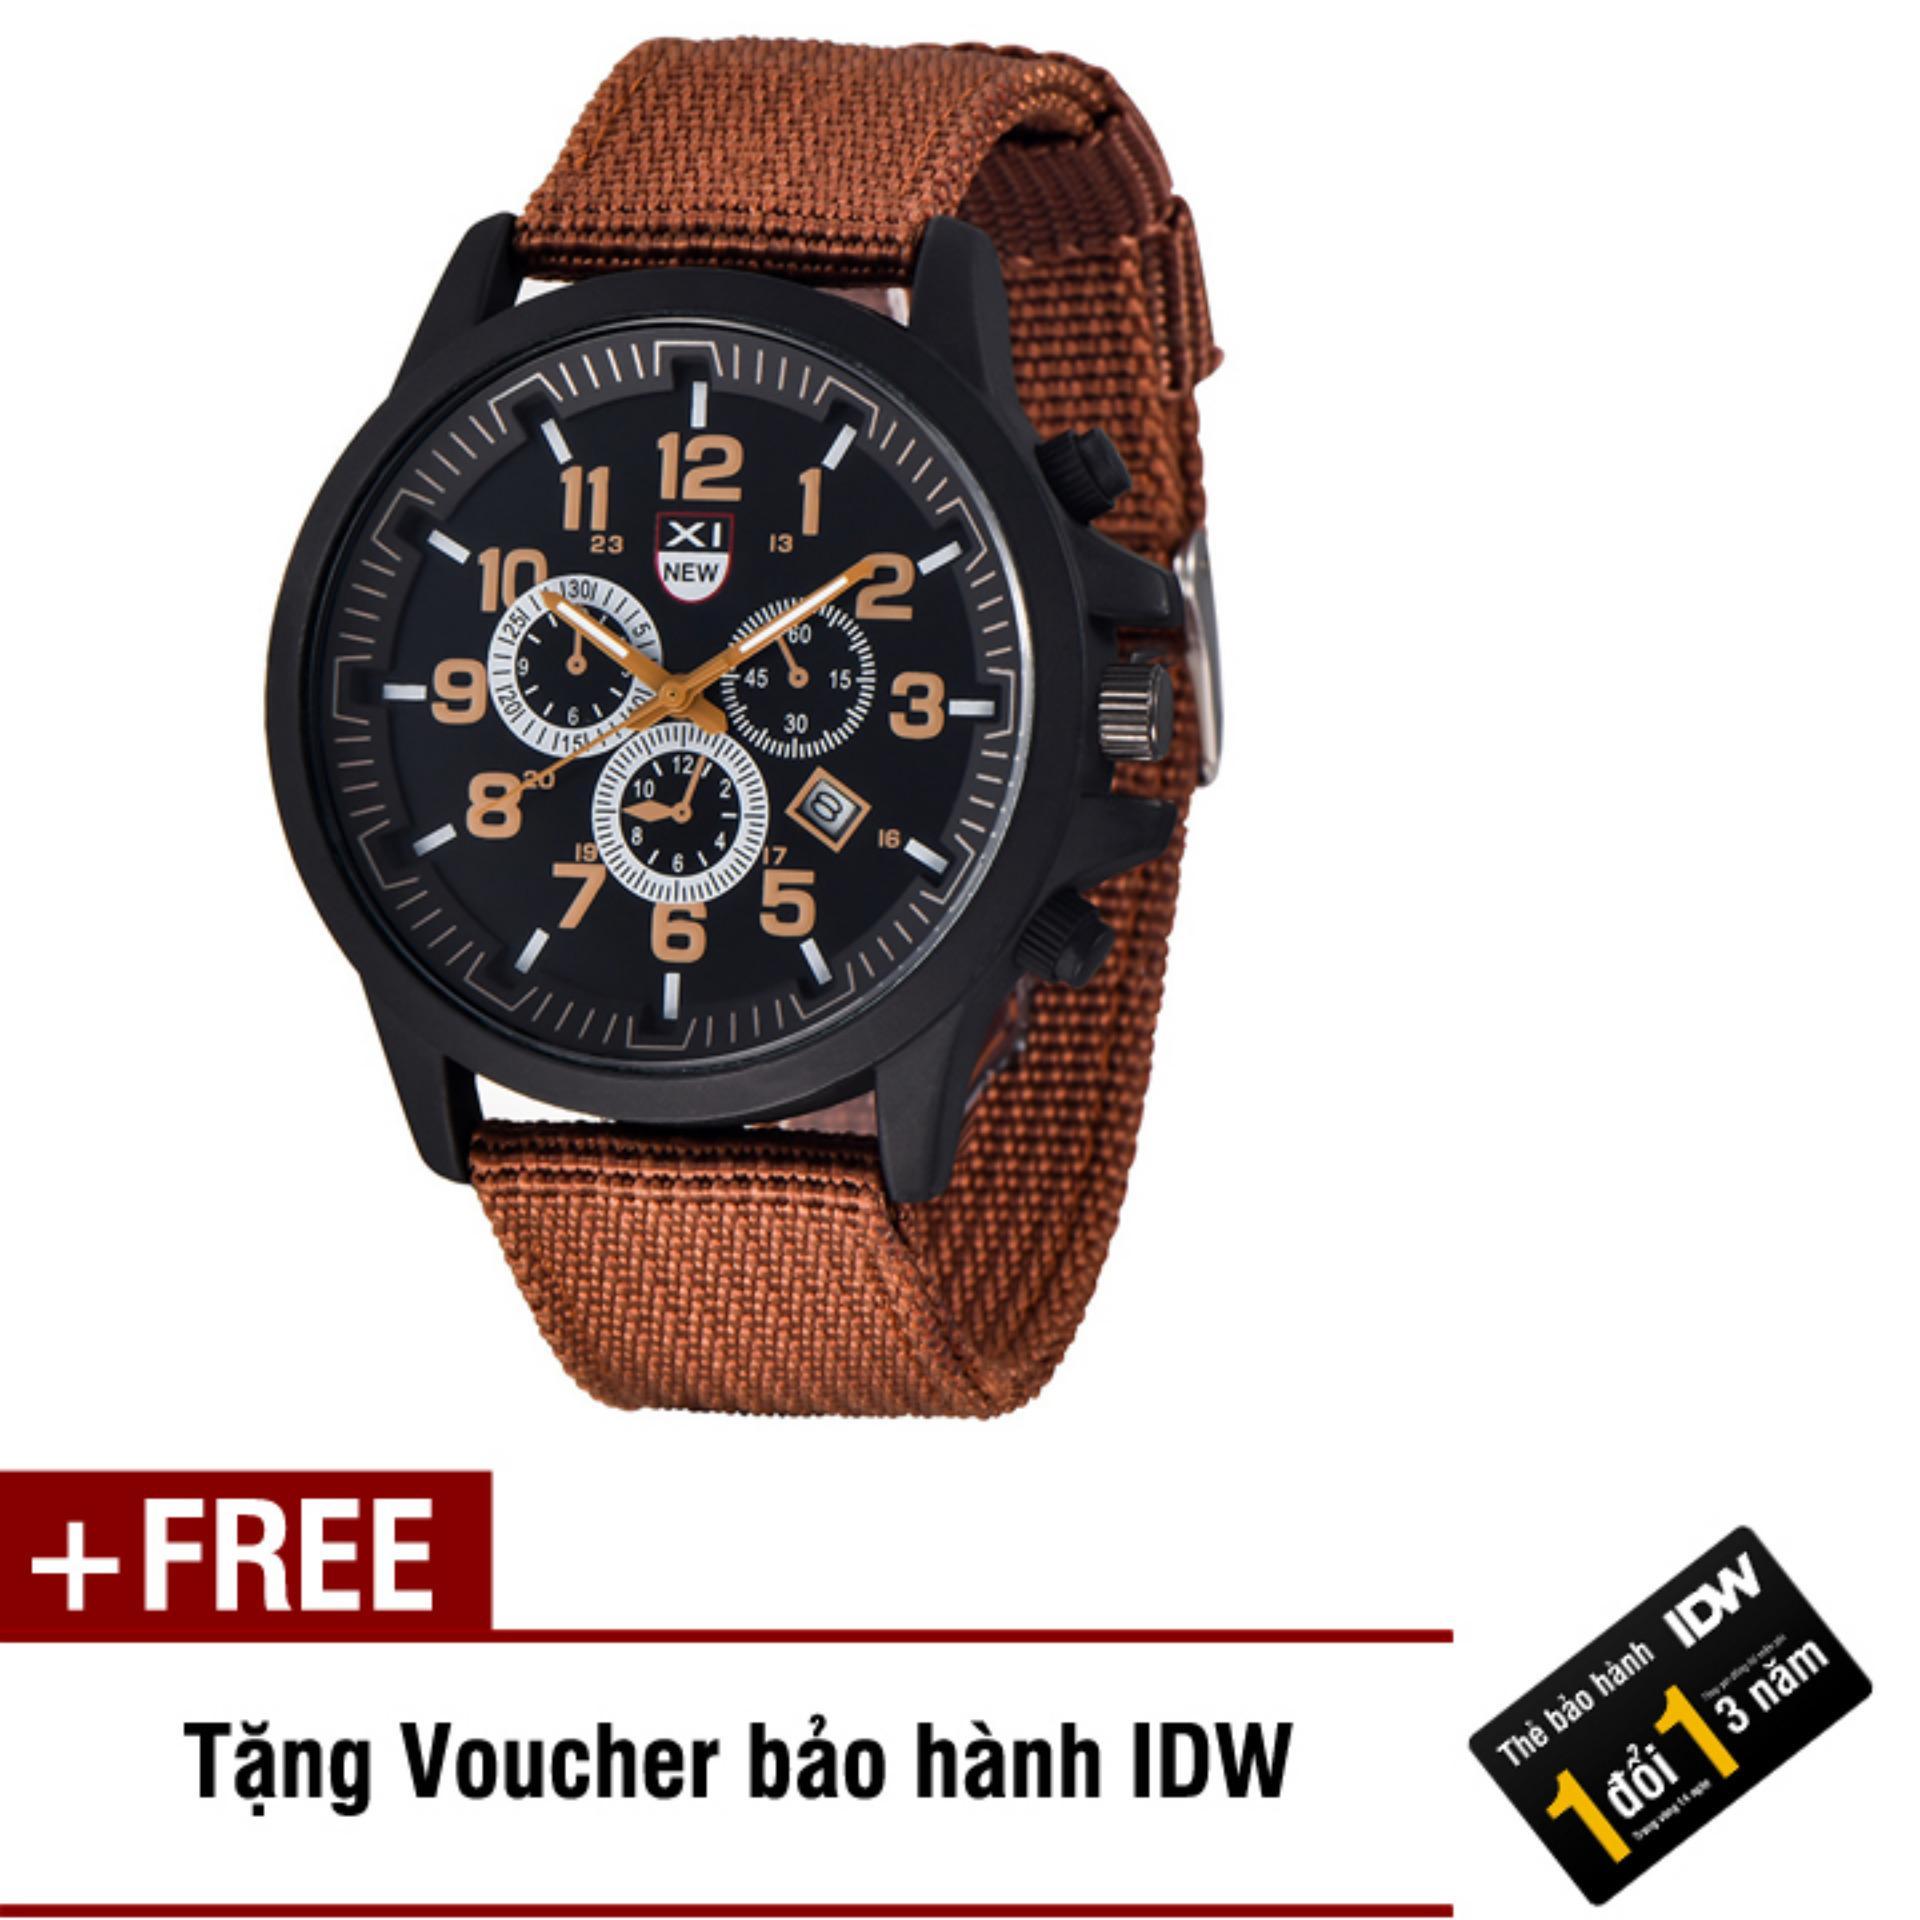 Đồng hồ nam dây vải cao cấp Xinew IDW 5605 (Dây nâu mặt nâu) + Tặng kèm voucher bảo hành IDW